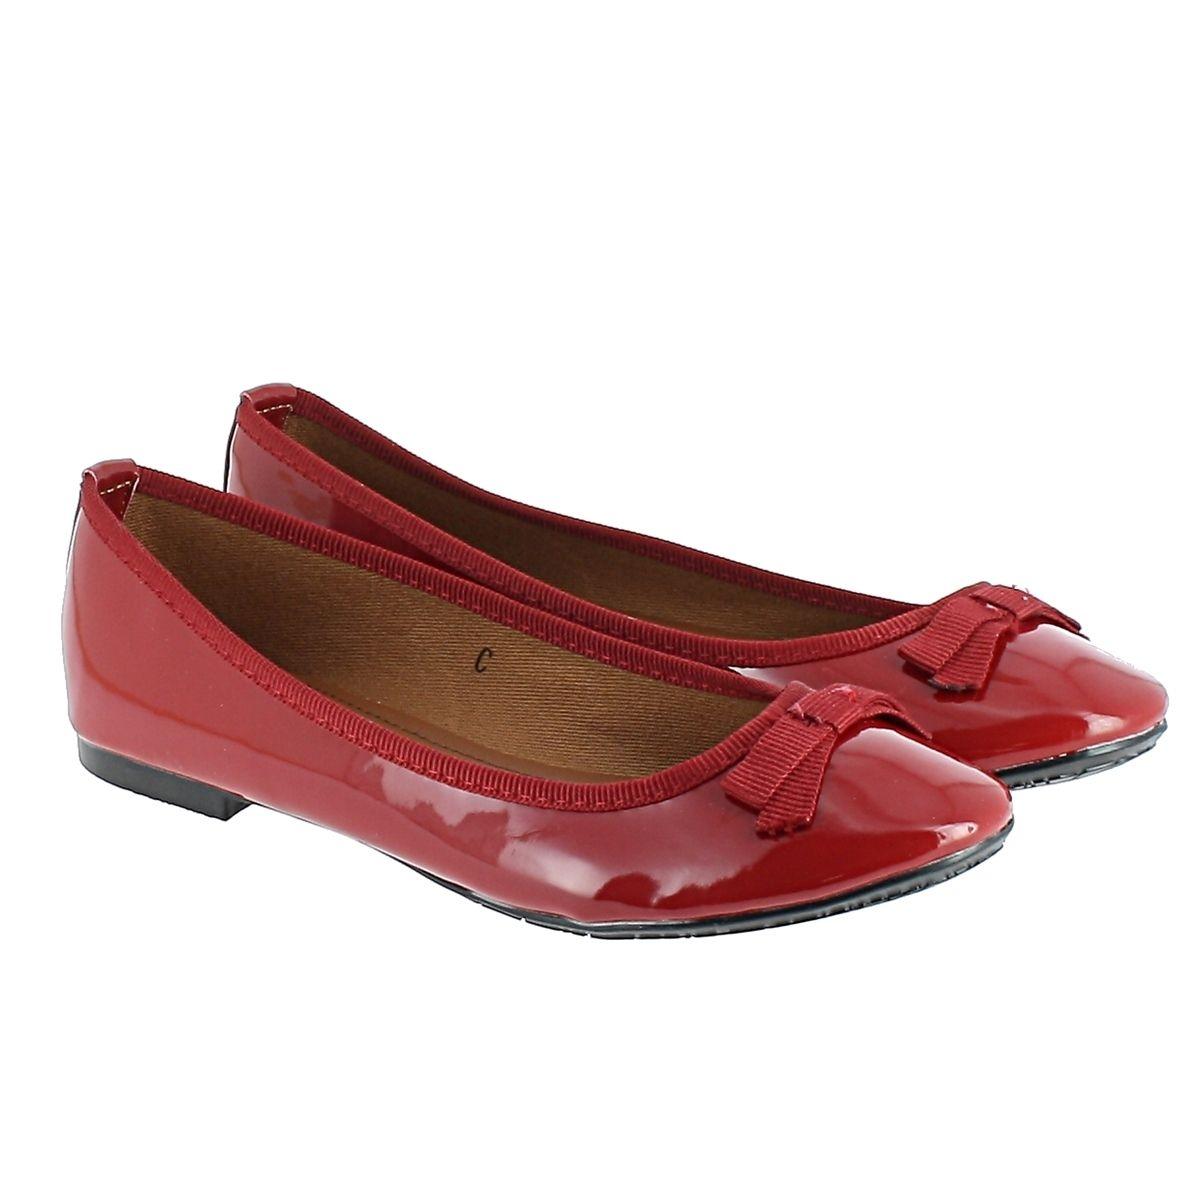 Ballerines Marjo, rouge verni